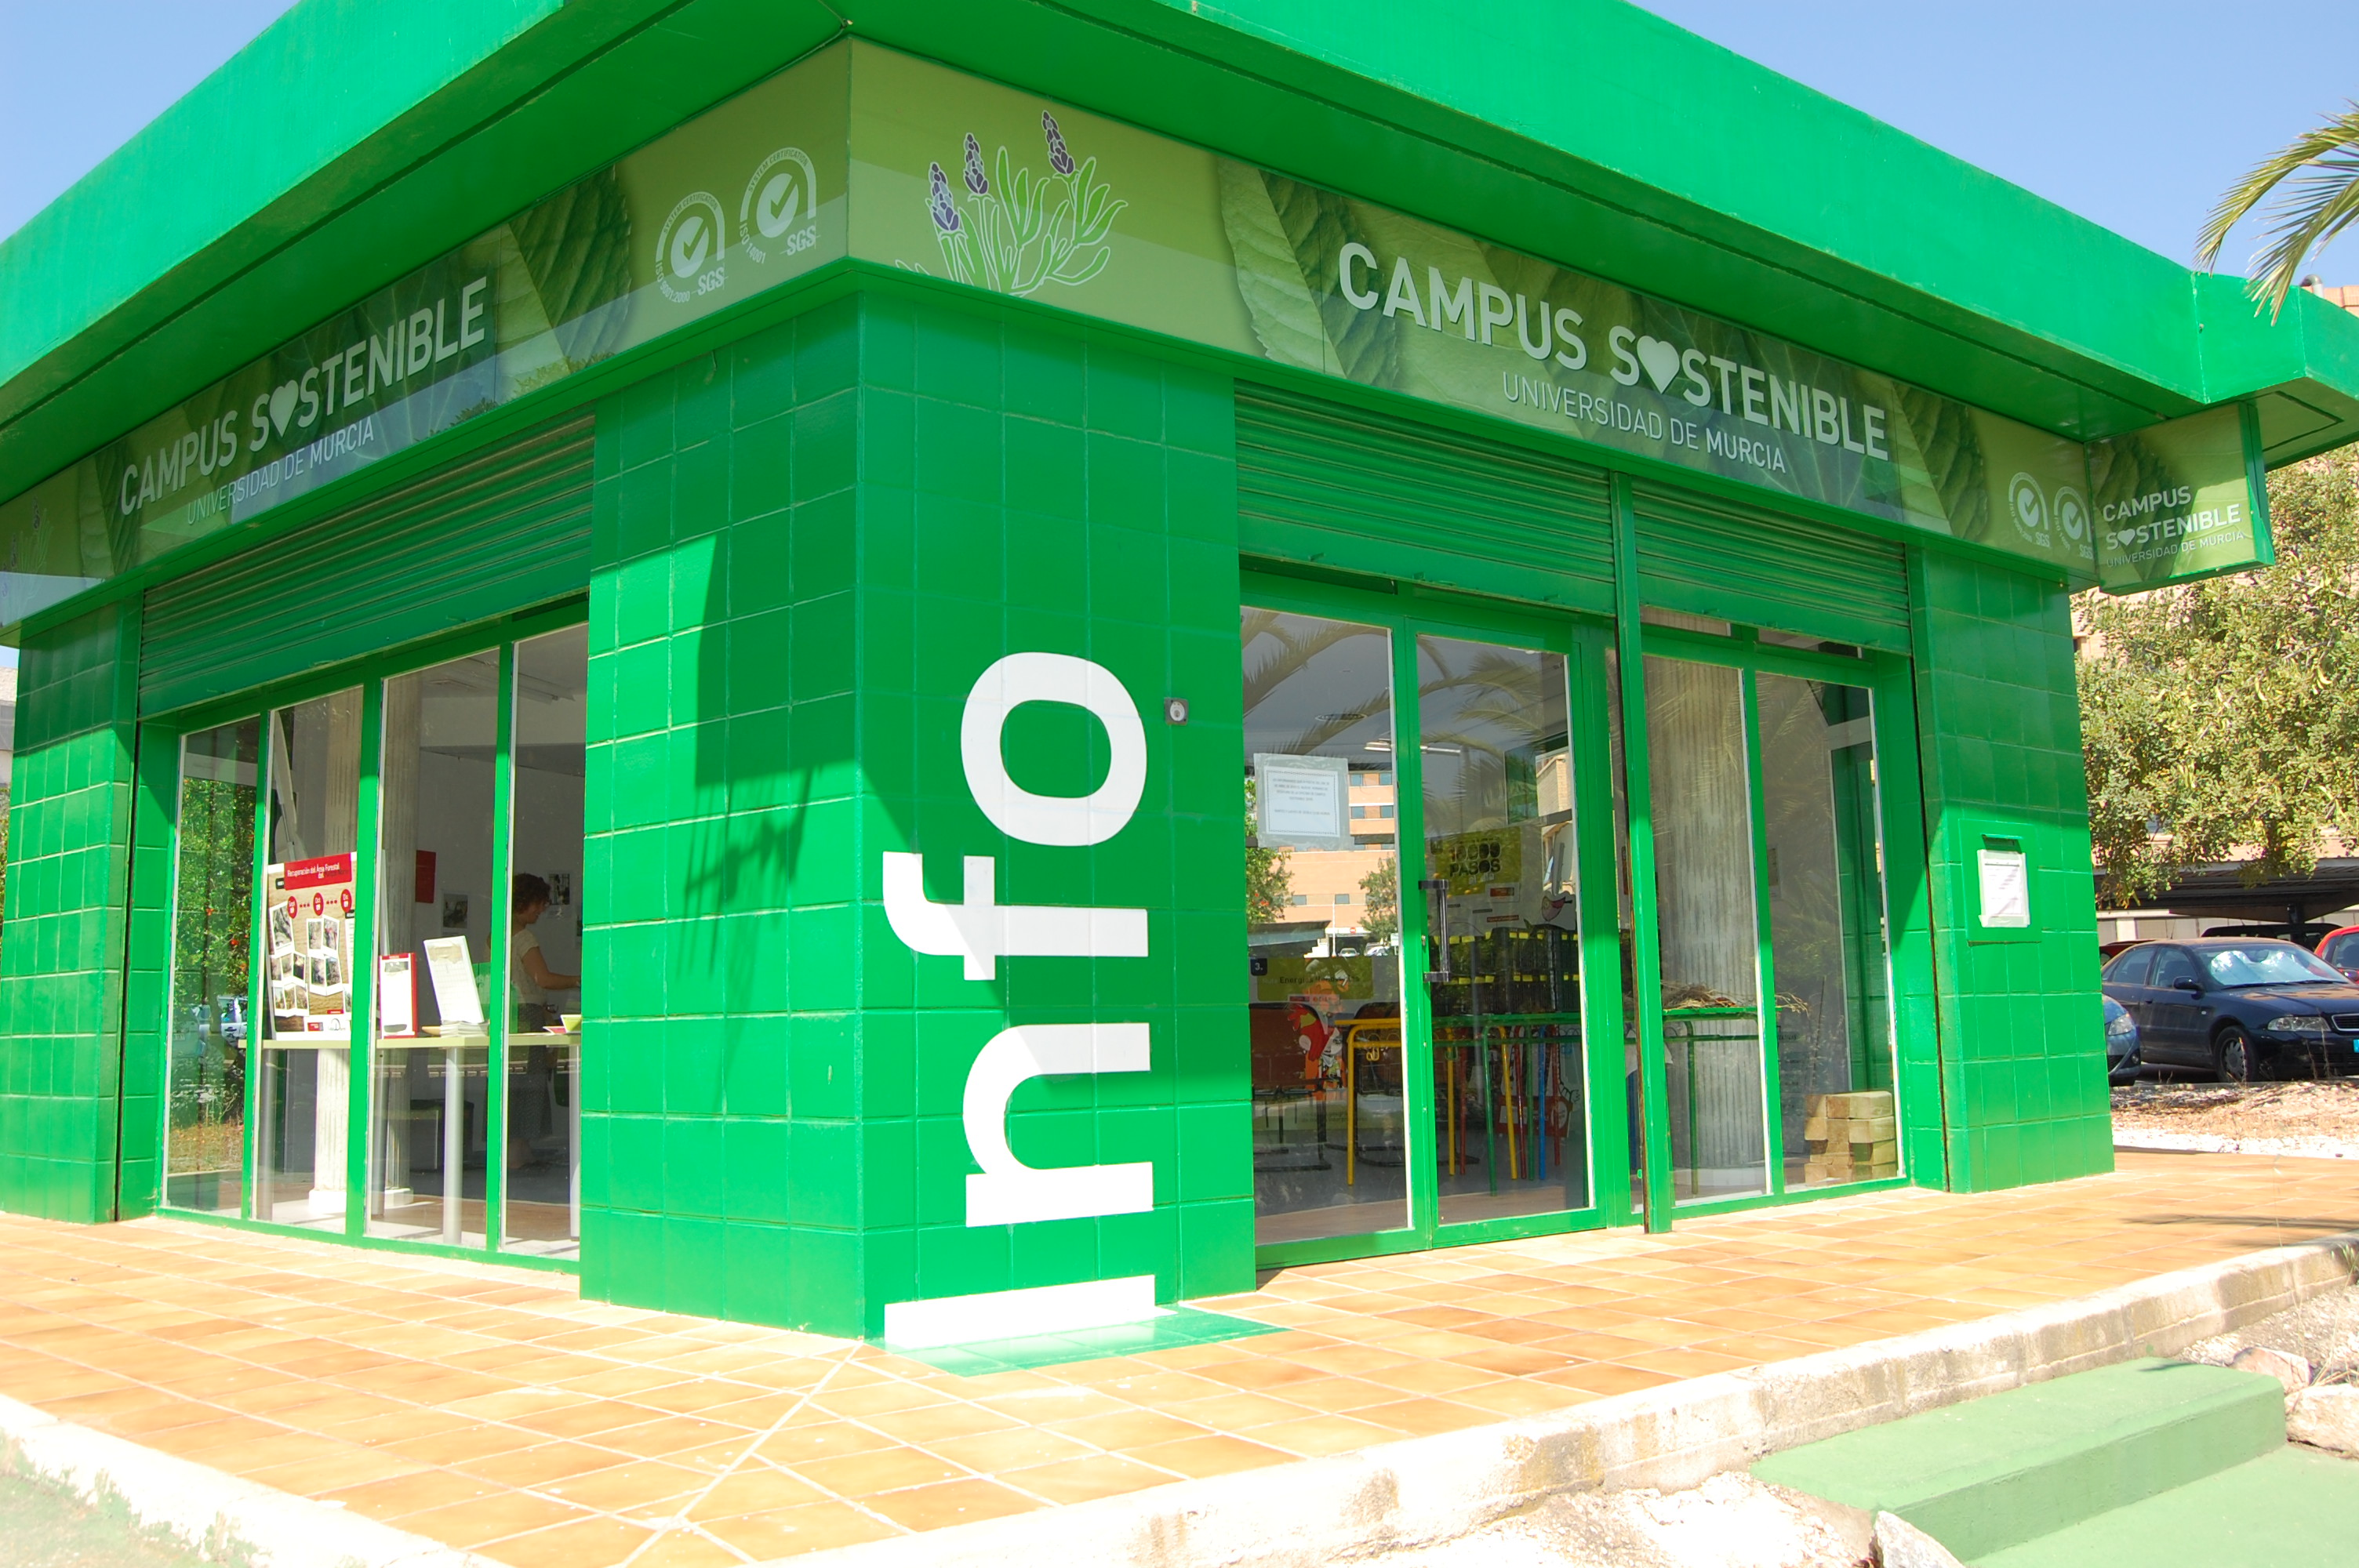 2. Kiosco de Información de Campus Sostenibl